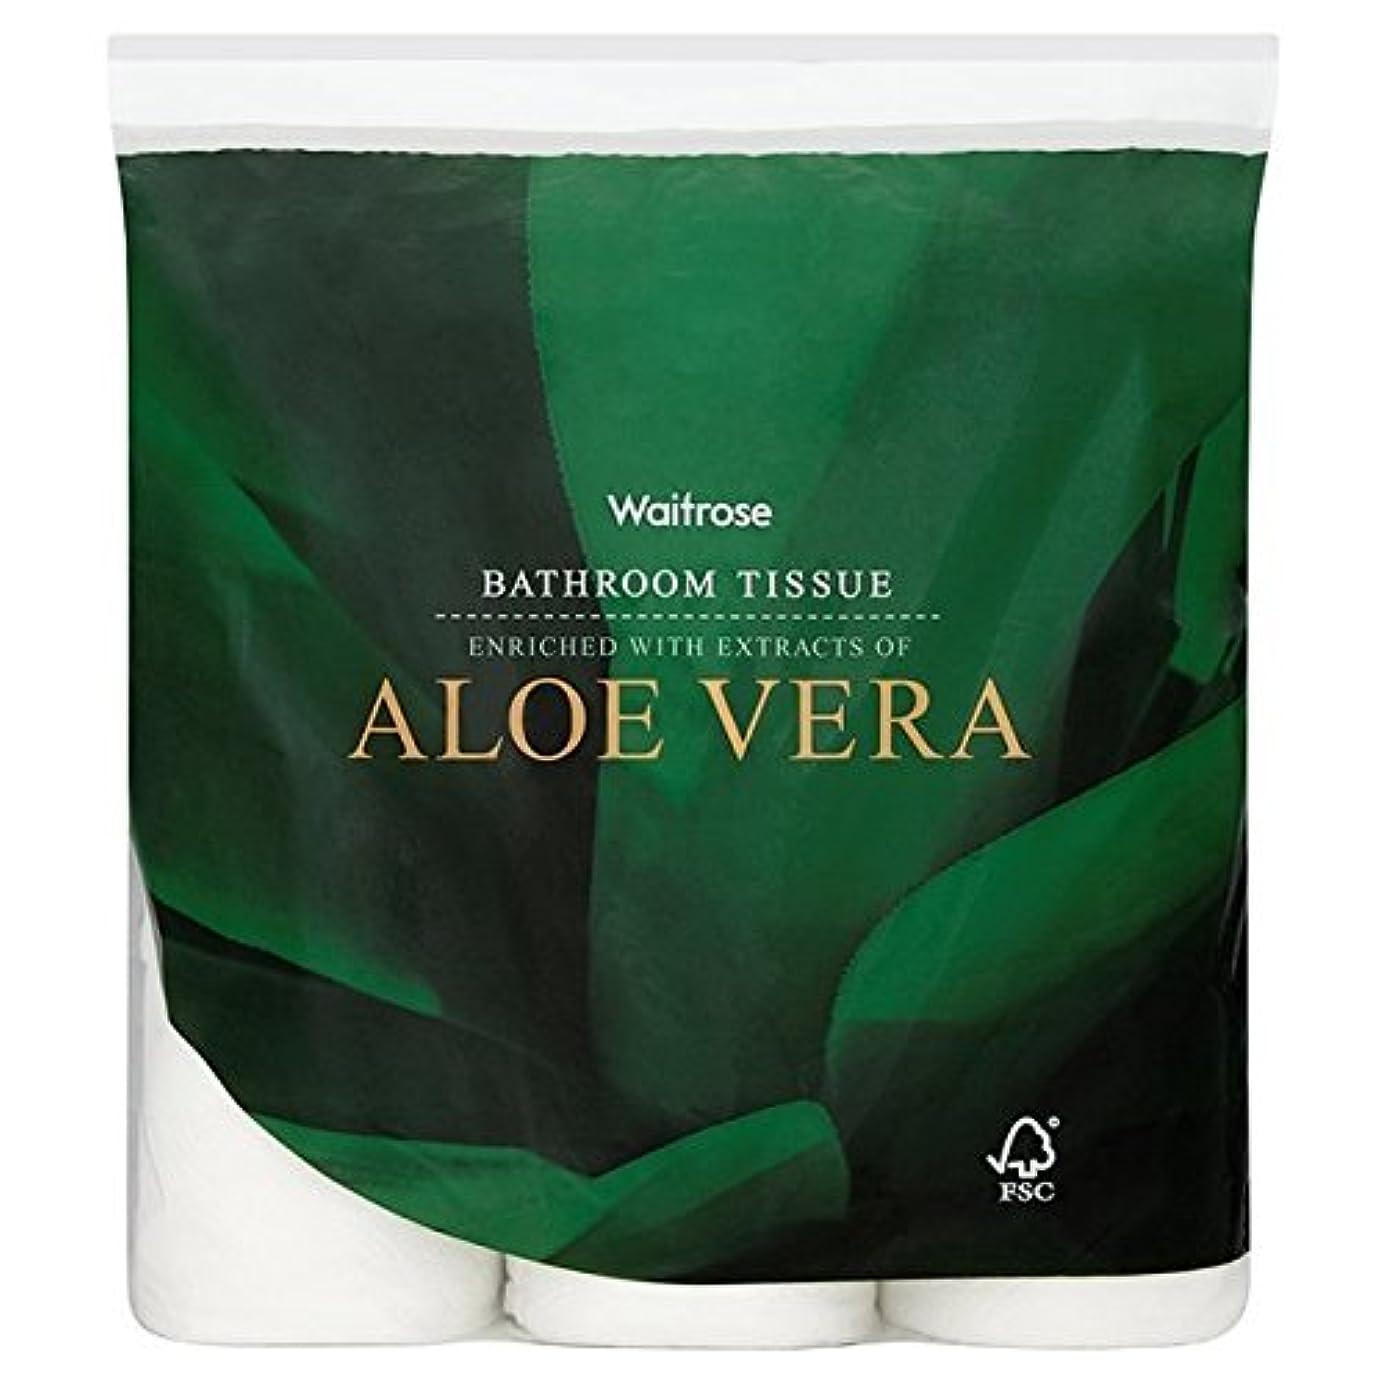 ダイアクリティカルキャプチャーパテパックあたりアロエベラ浴室組織白ウェイトローズ9 x2 - Aloe Vera Bathroom Tissue White Waitrose 9 per pack (Pack of 2) [並行輸入品]